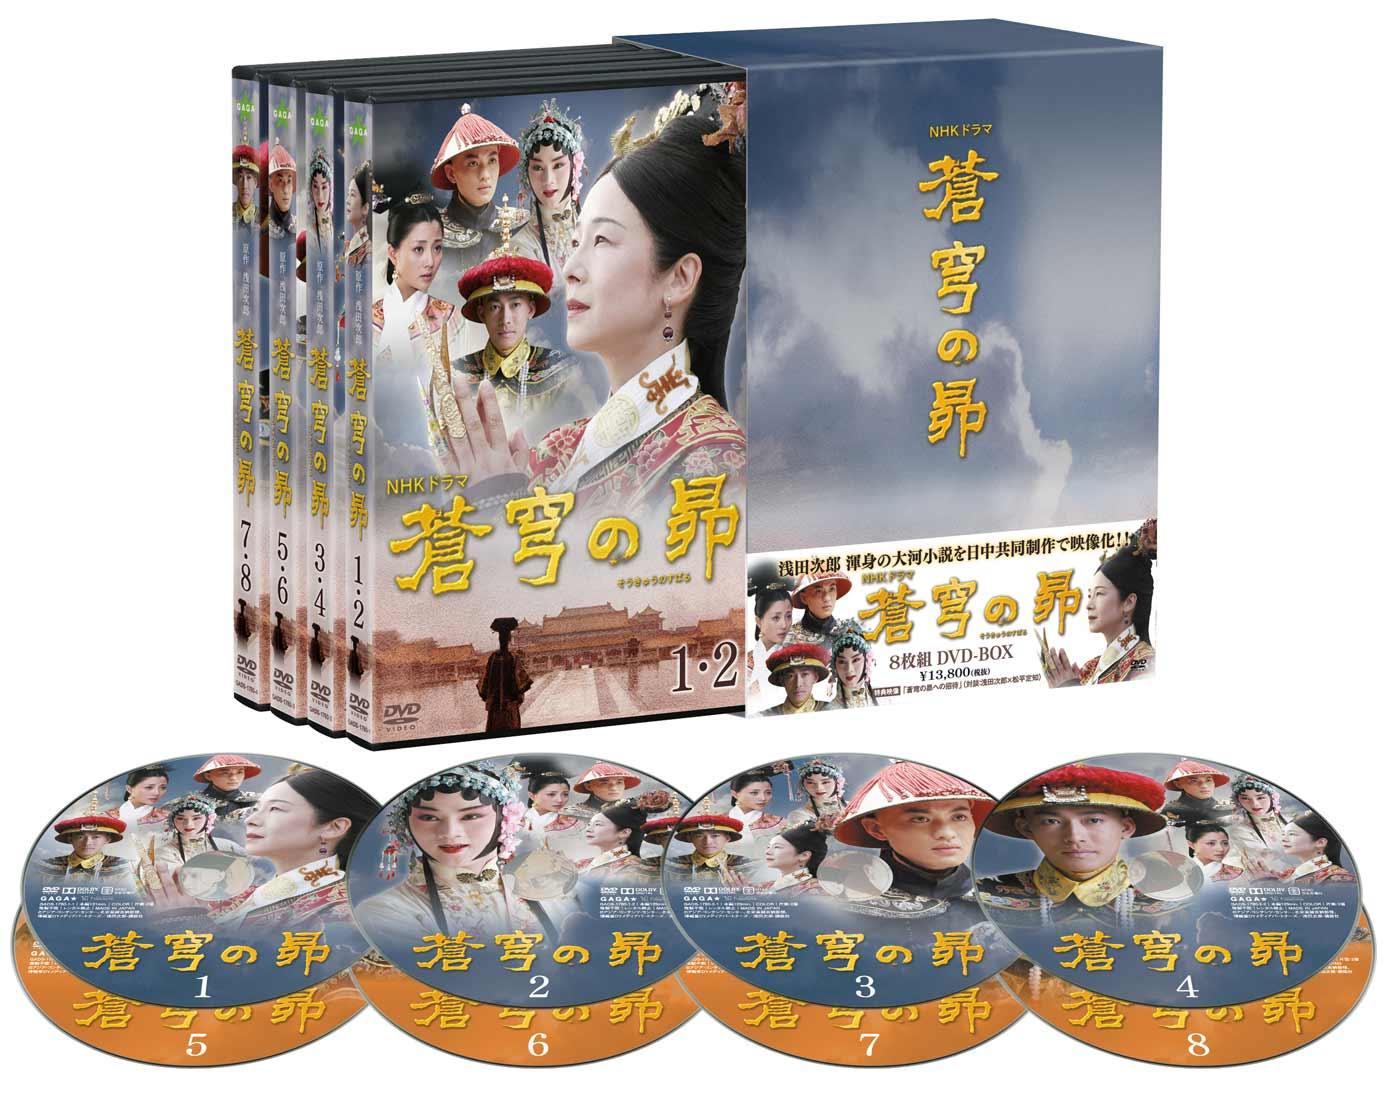 「蒼穹の昴」DVD BOX(8枚組) GAGA★ONLINE STORE特典 ブックレット(36ページ)+ポストカード(3種)付き